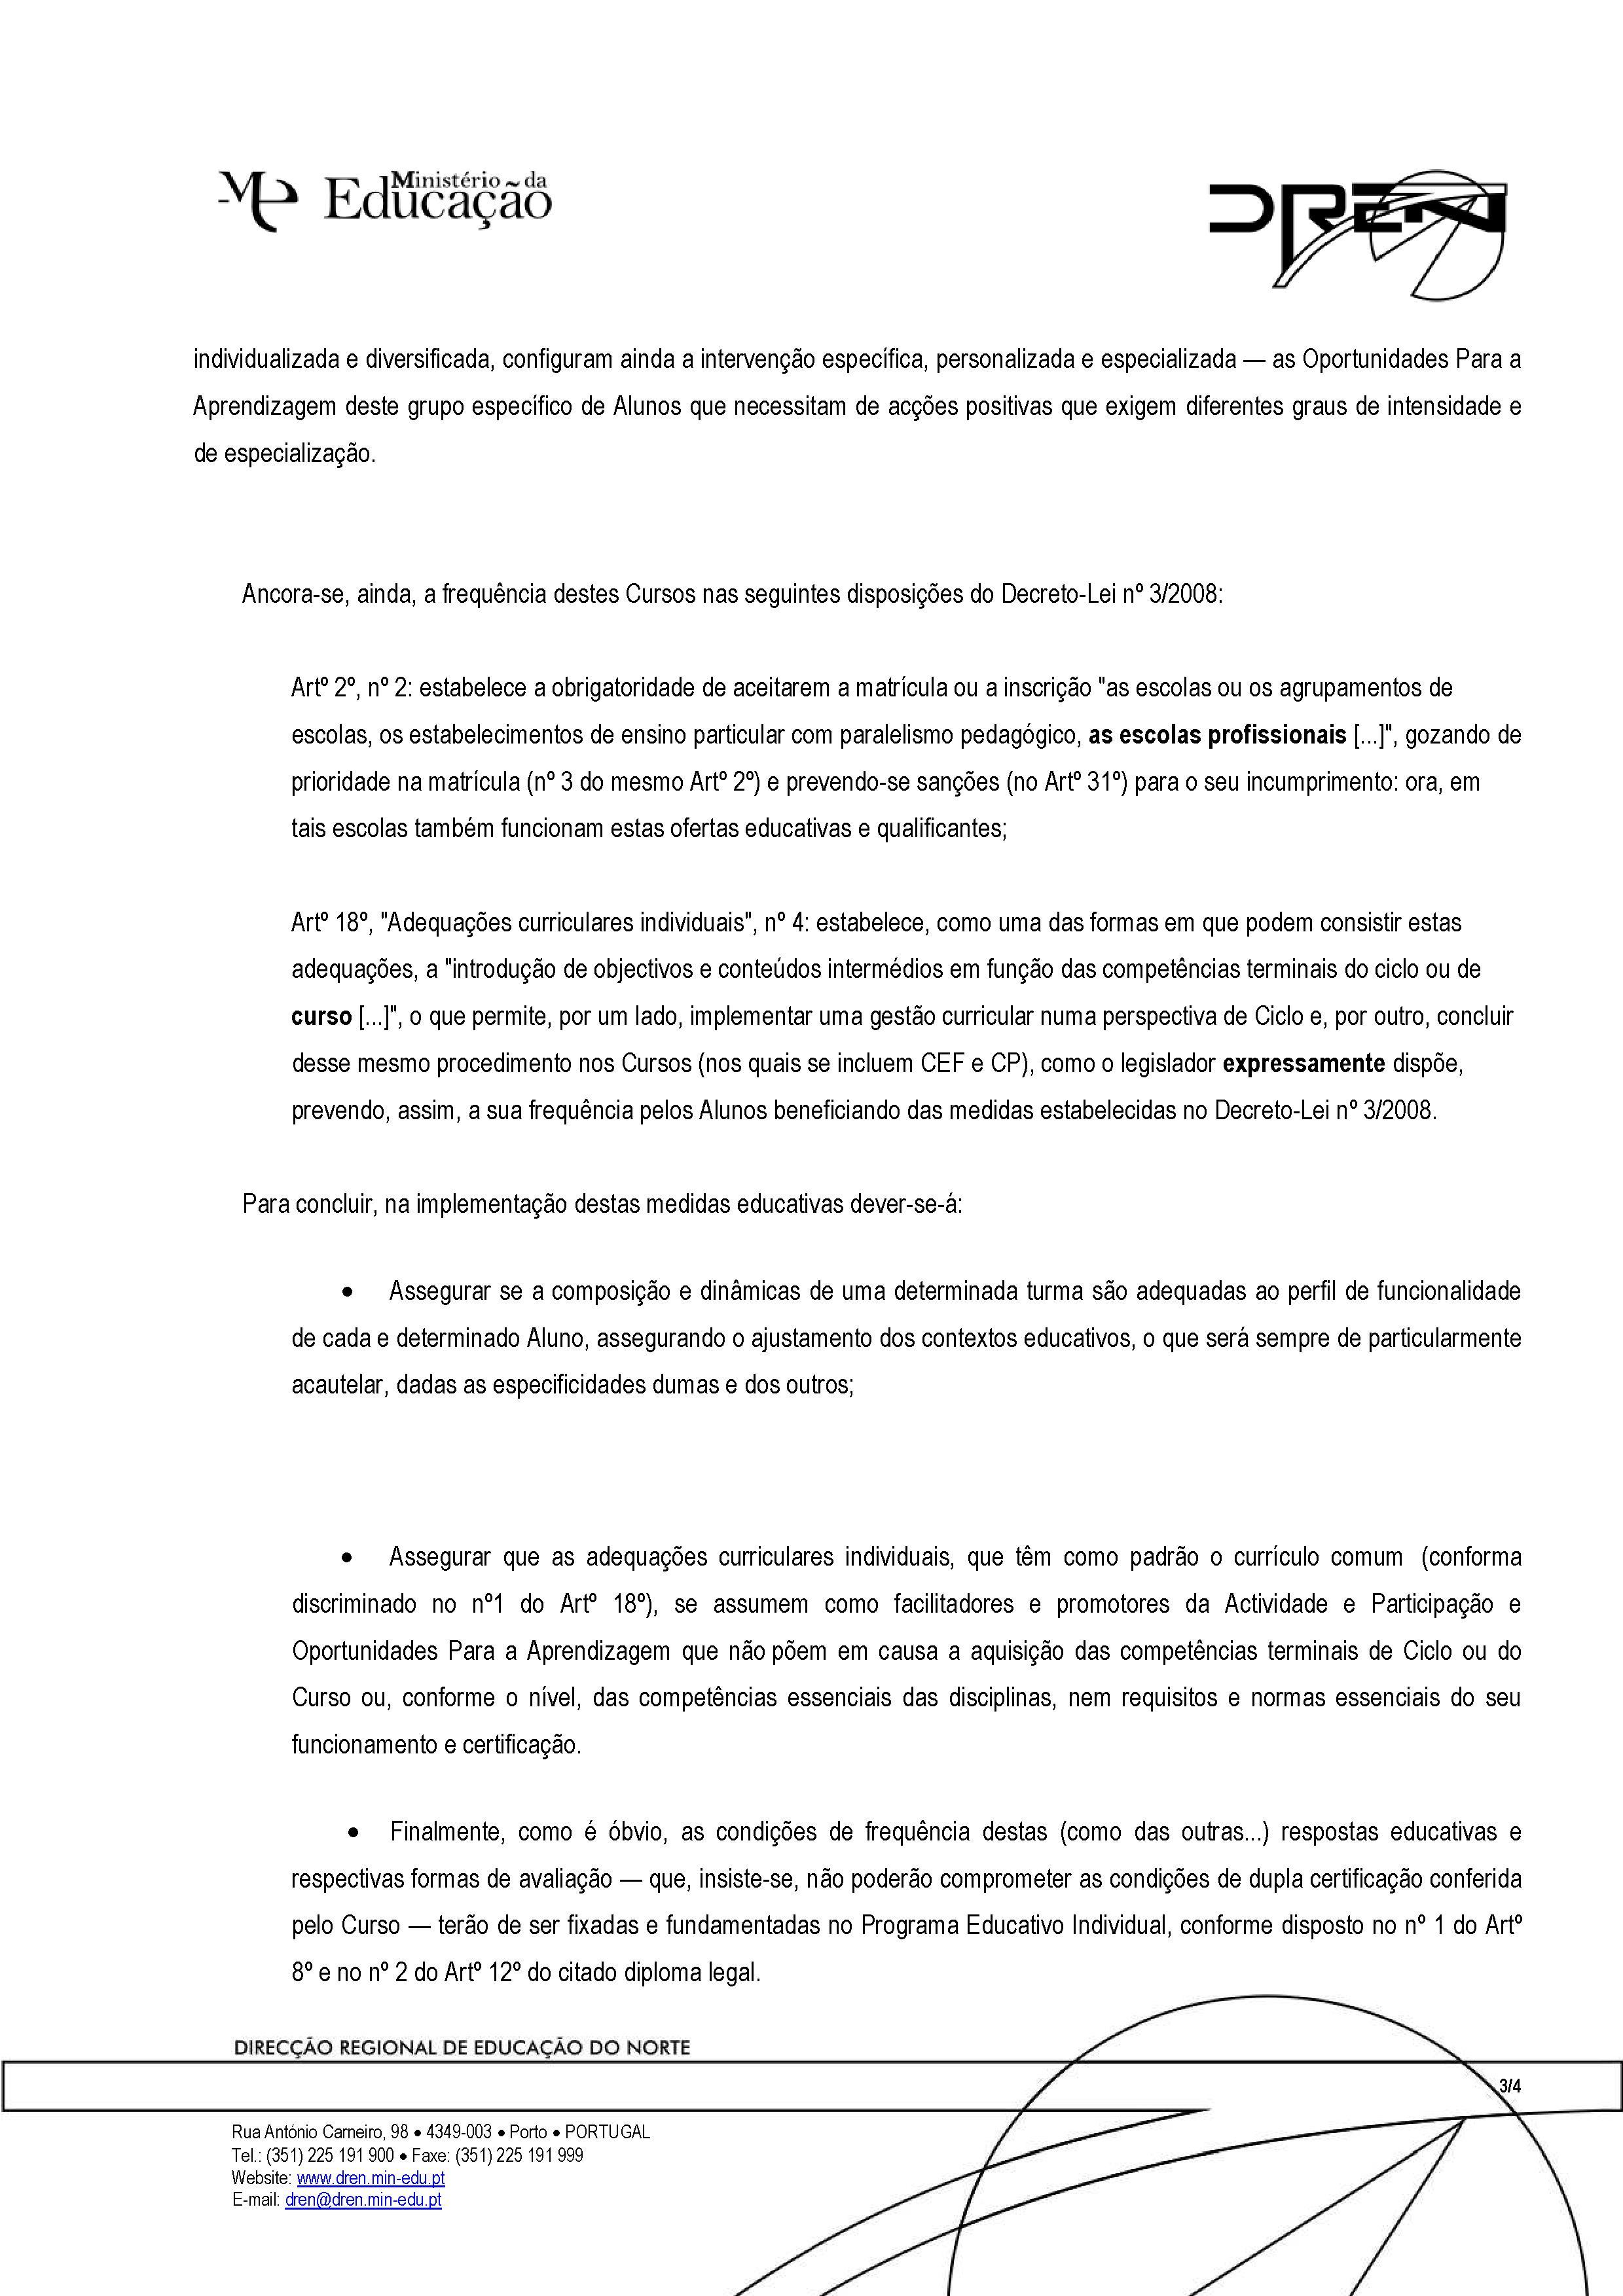 Decreto -Lei nº 3_2008_Cursos de dupla certificação0003